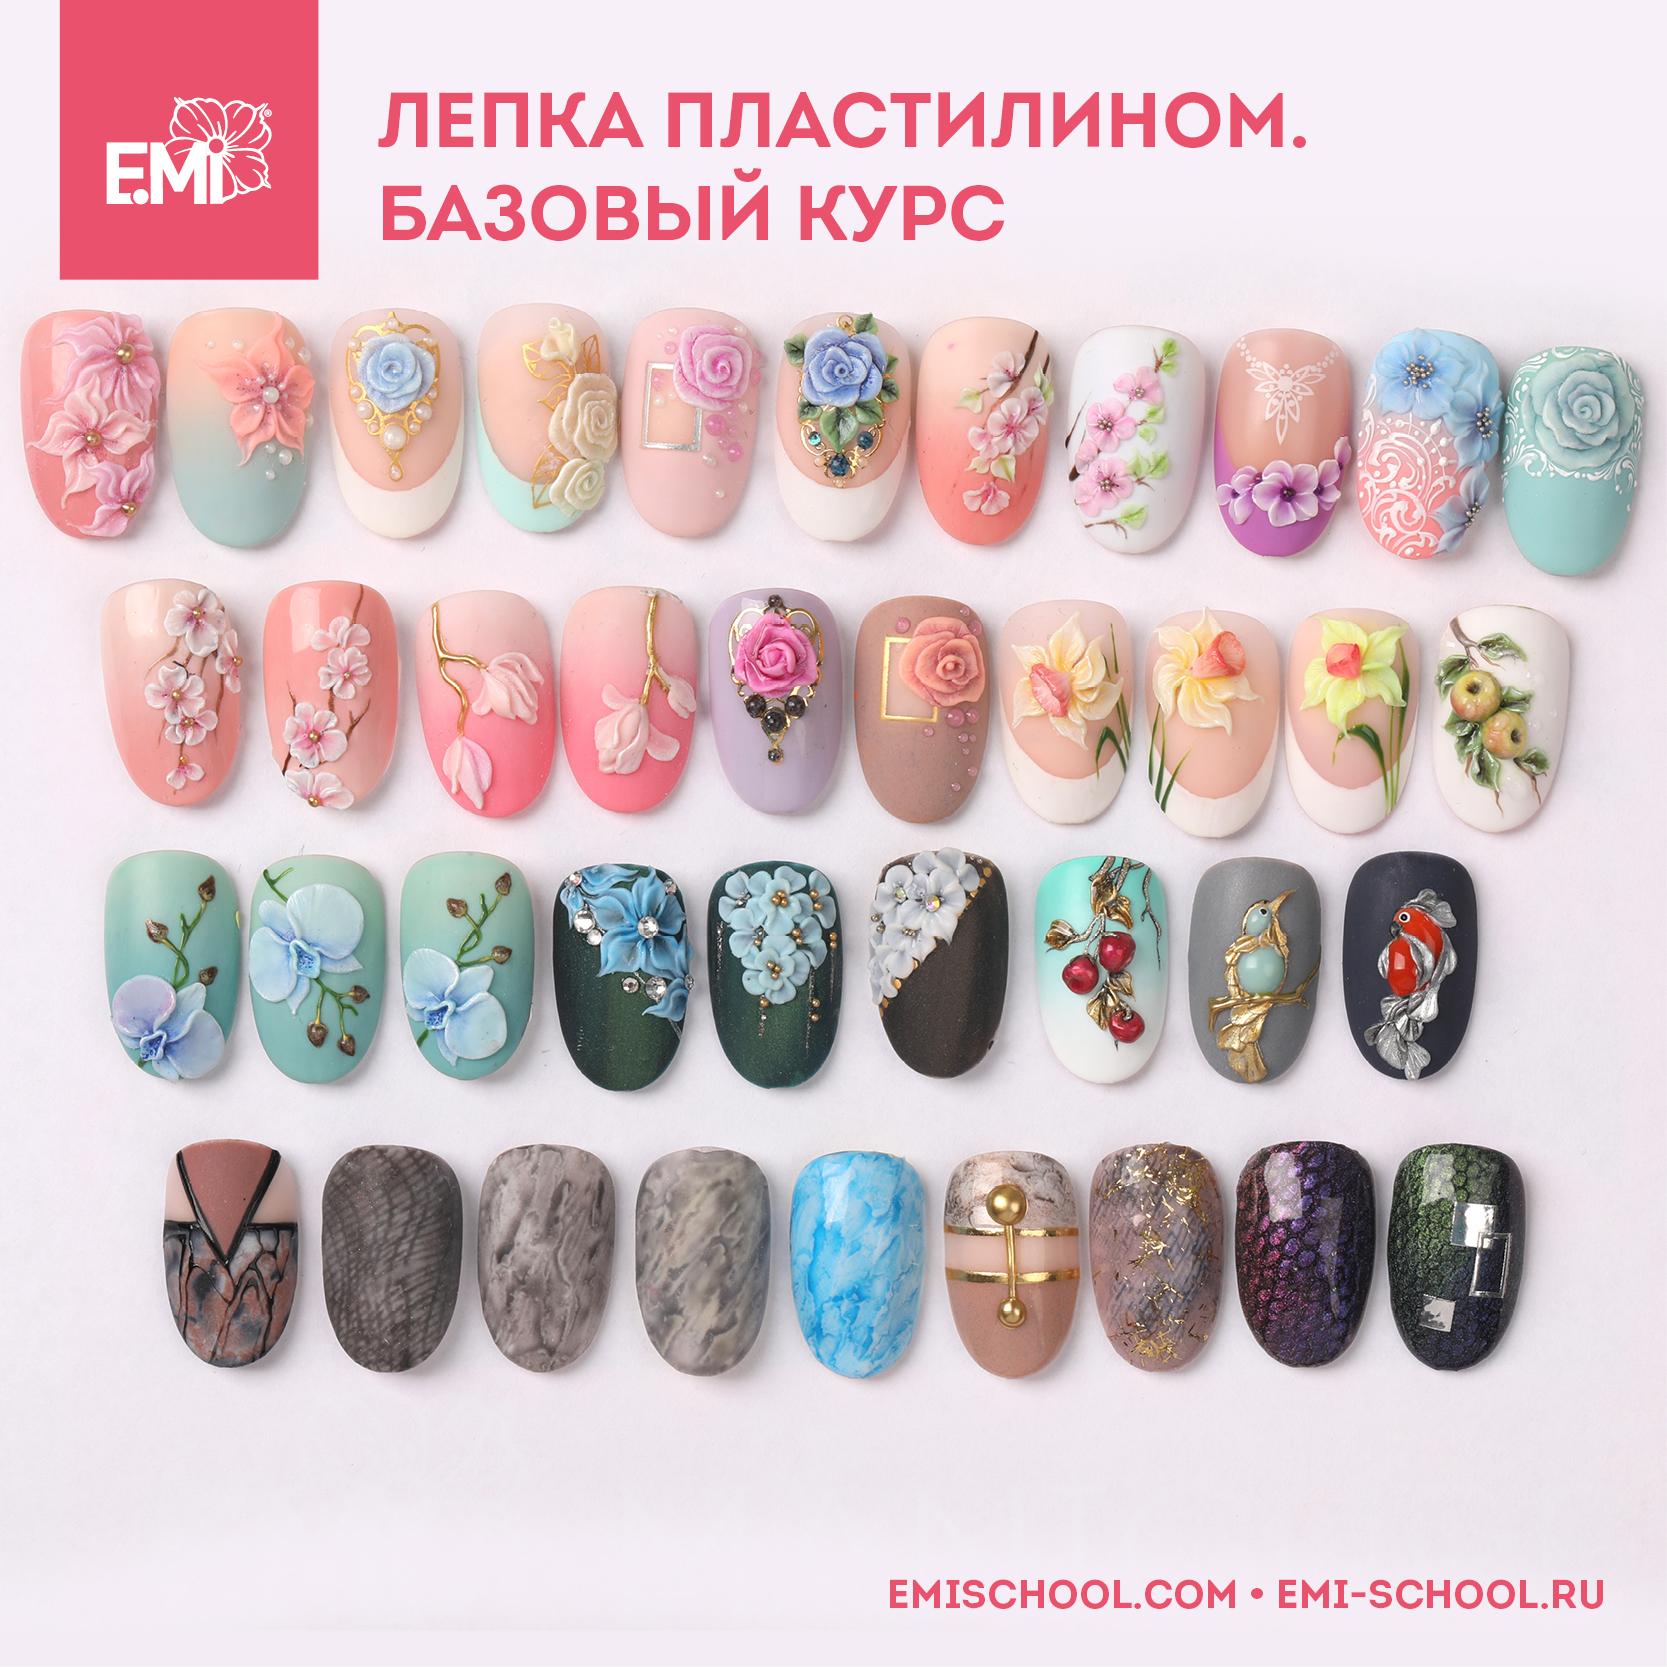 Курсы По Наращиванию Ногтей Френч В Воронеже